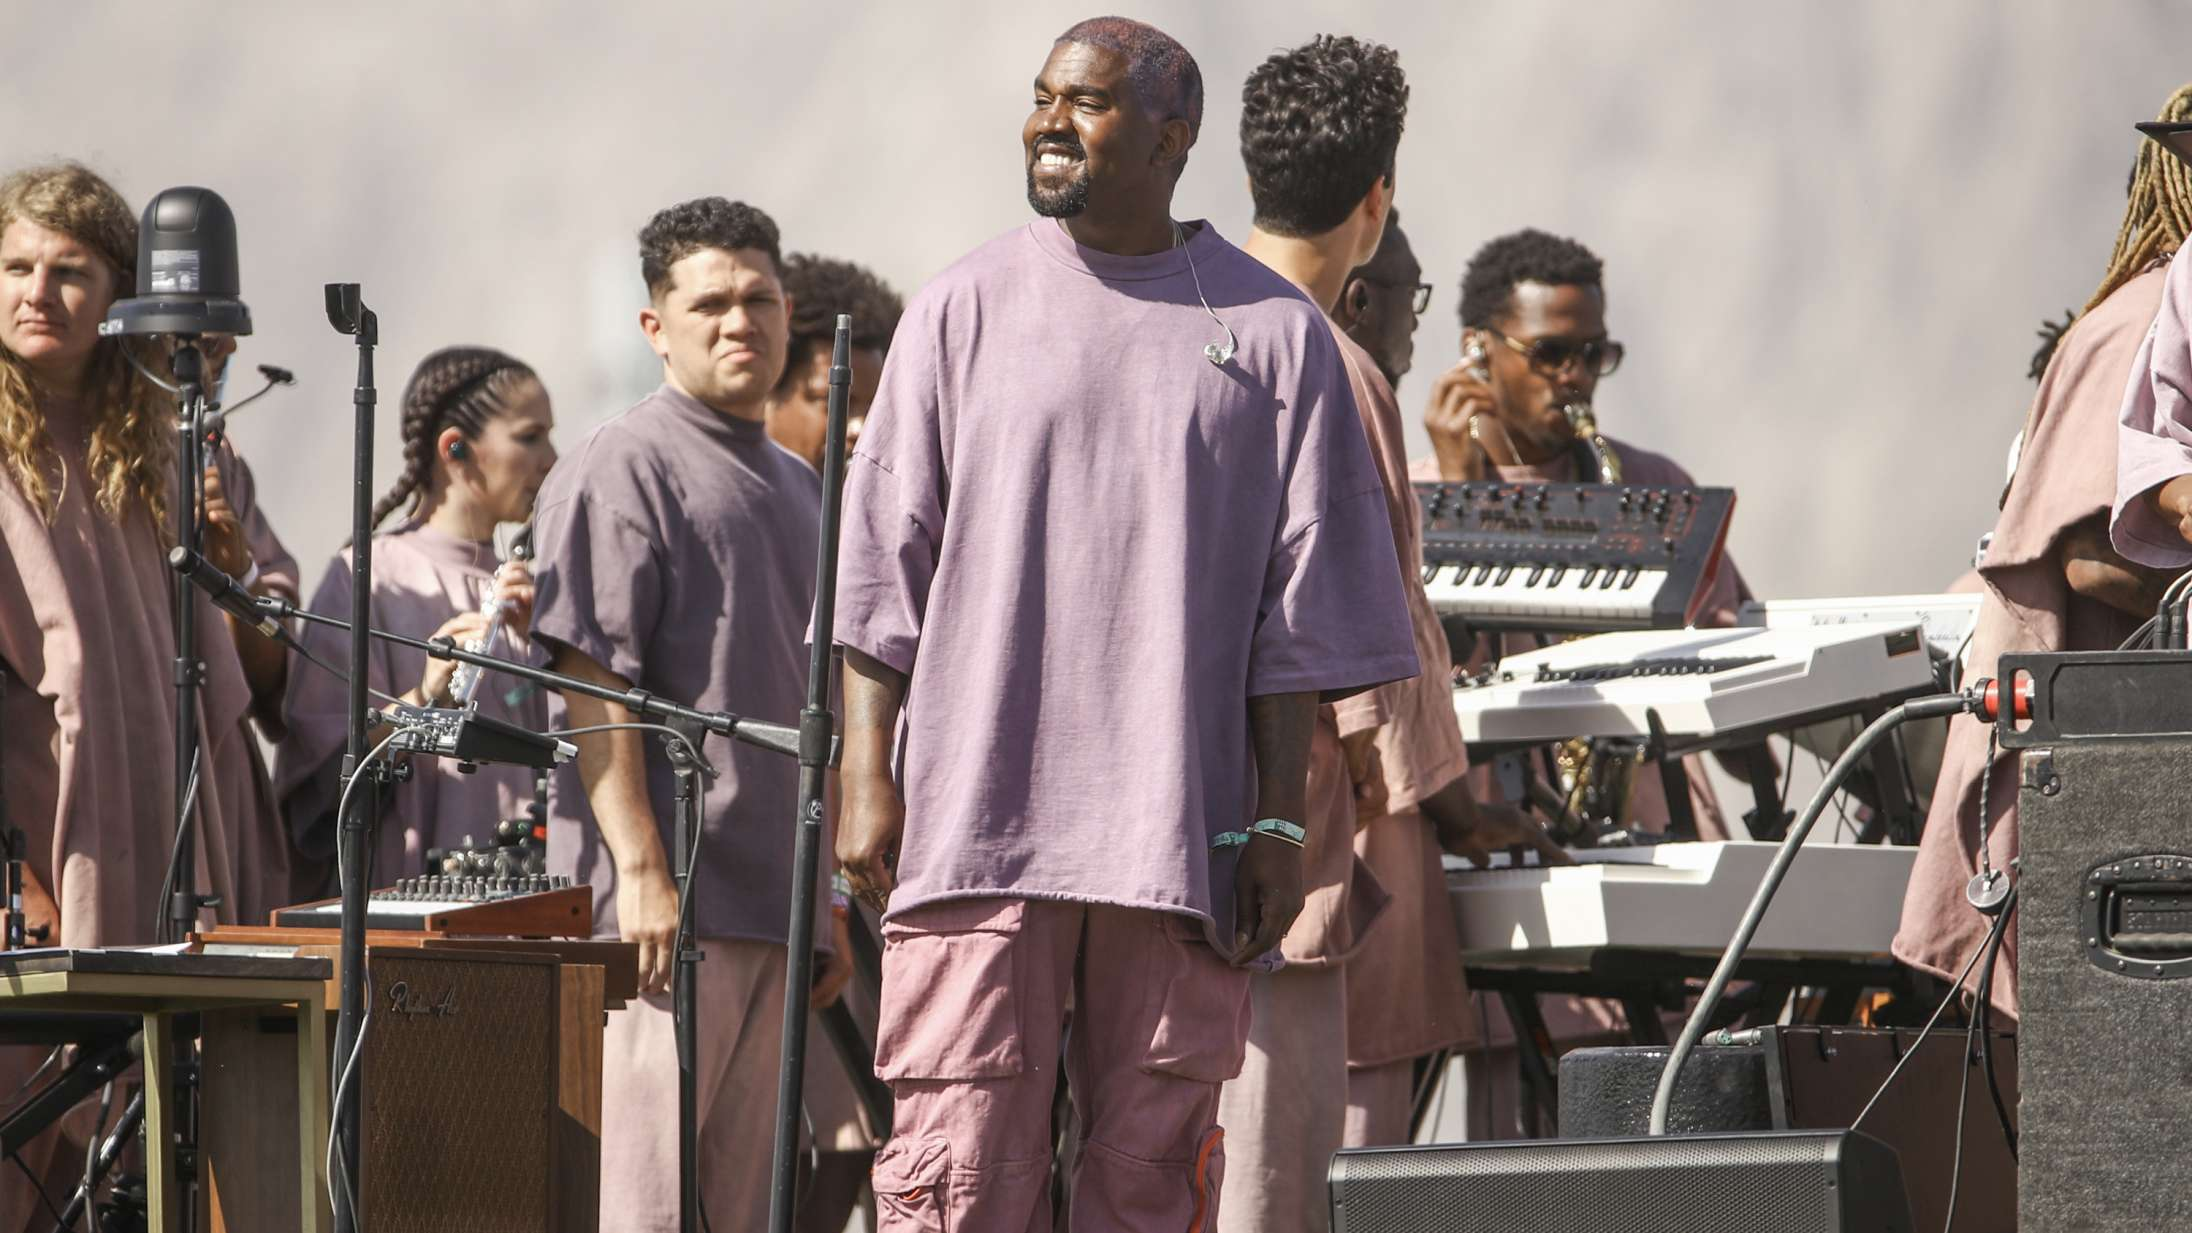 Yeezy-looket kommer til sin ret i Kanye Wests Sunday Service – men hans merchandise virker malplaceret